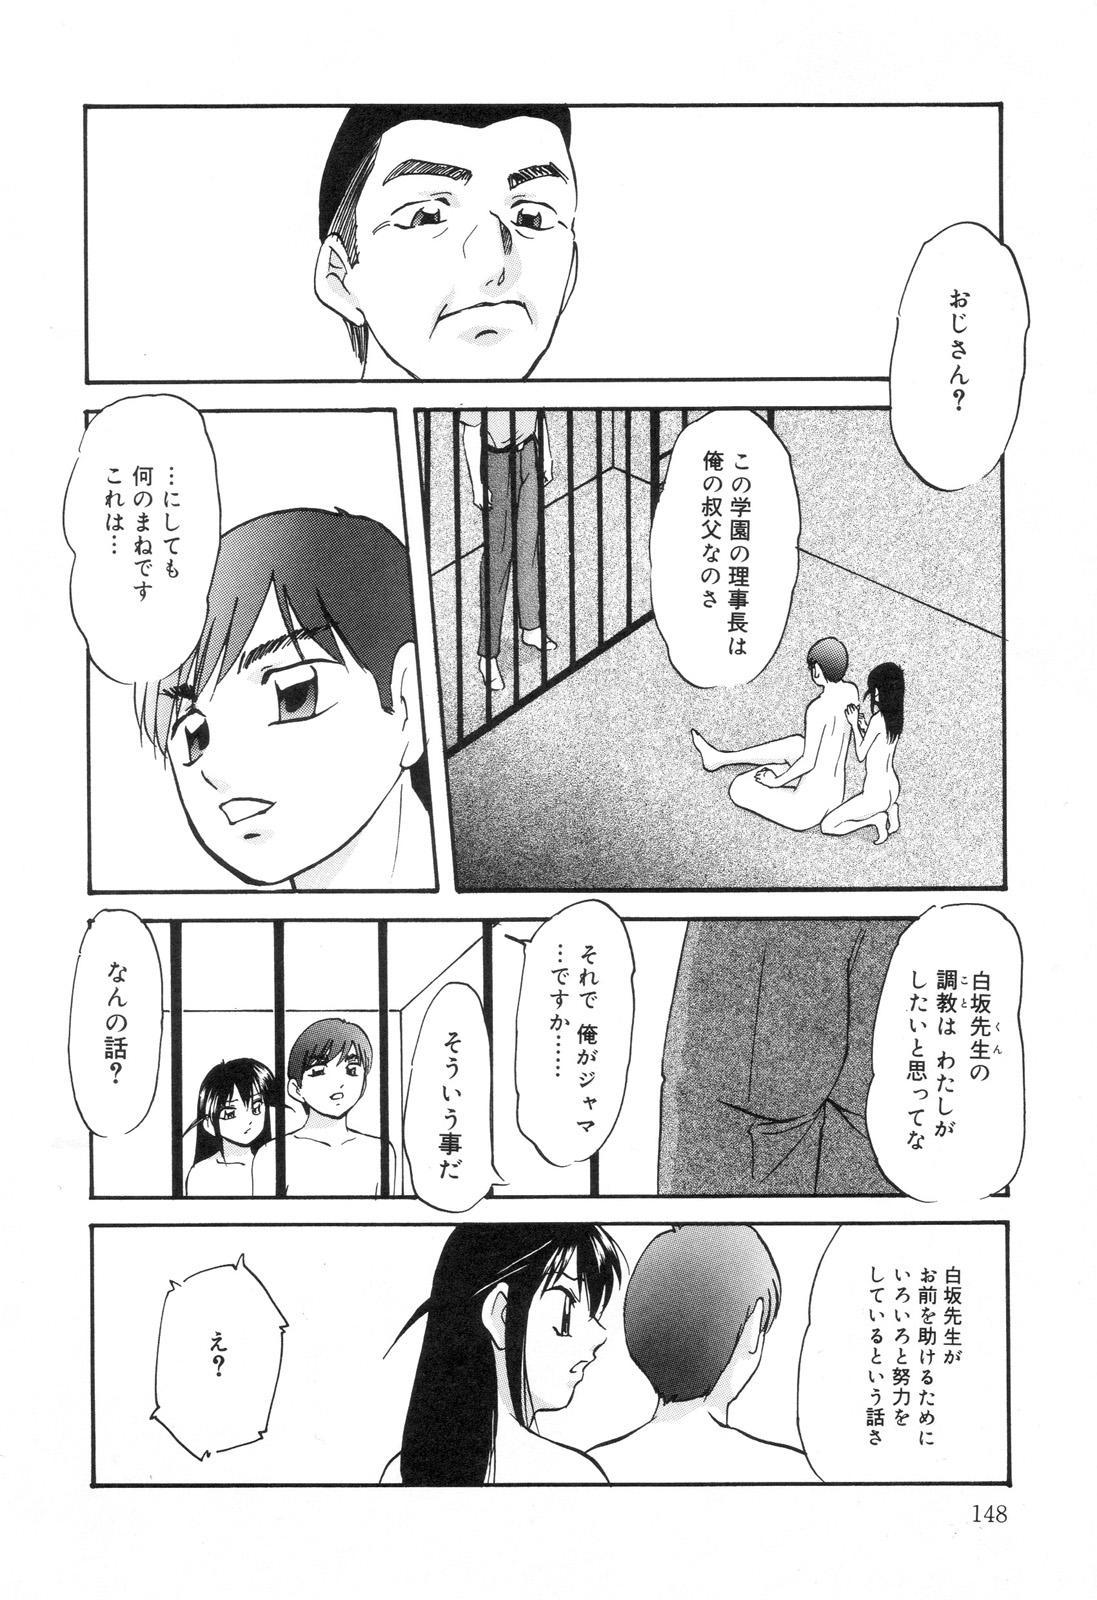 Zenchi Ikkagetsu no Onna 148